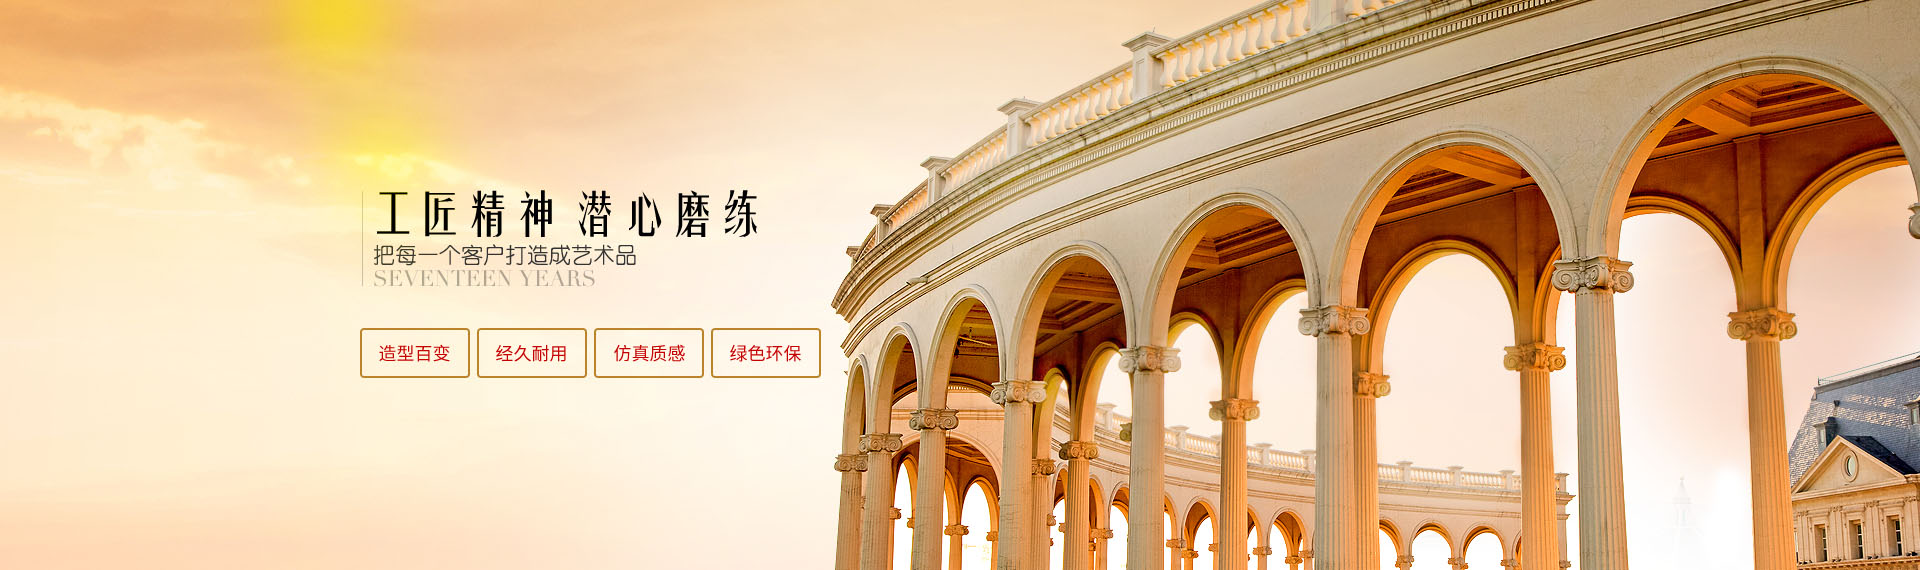 华南GRC工程顶级服务商